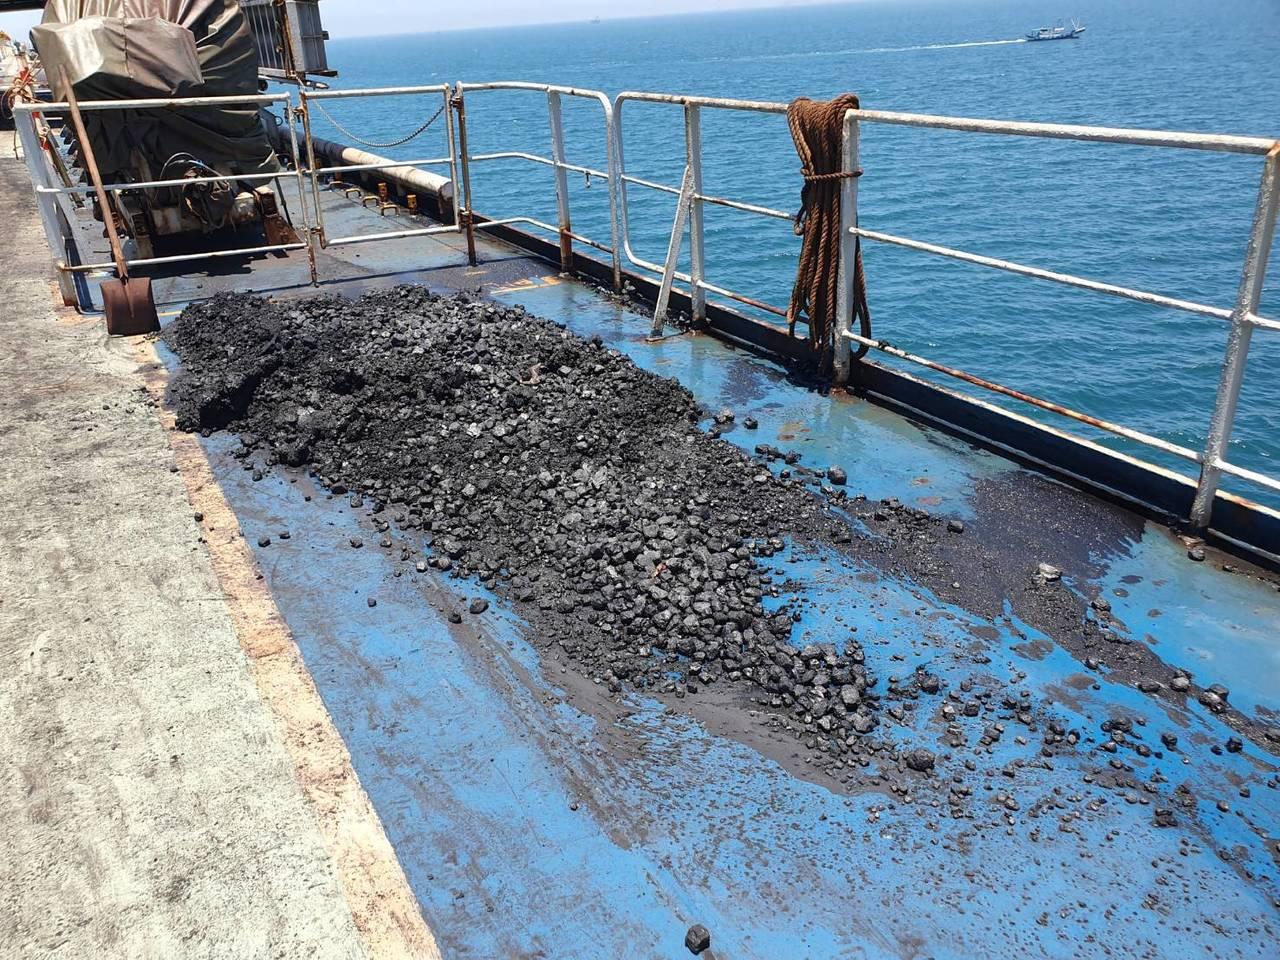 台籍運煤貨輪「中○成長」號因貨艙艙底板無法緊密,便將艙內的煤灰放置甲板兩側流入海...